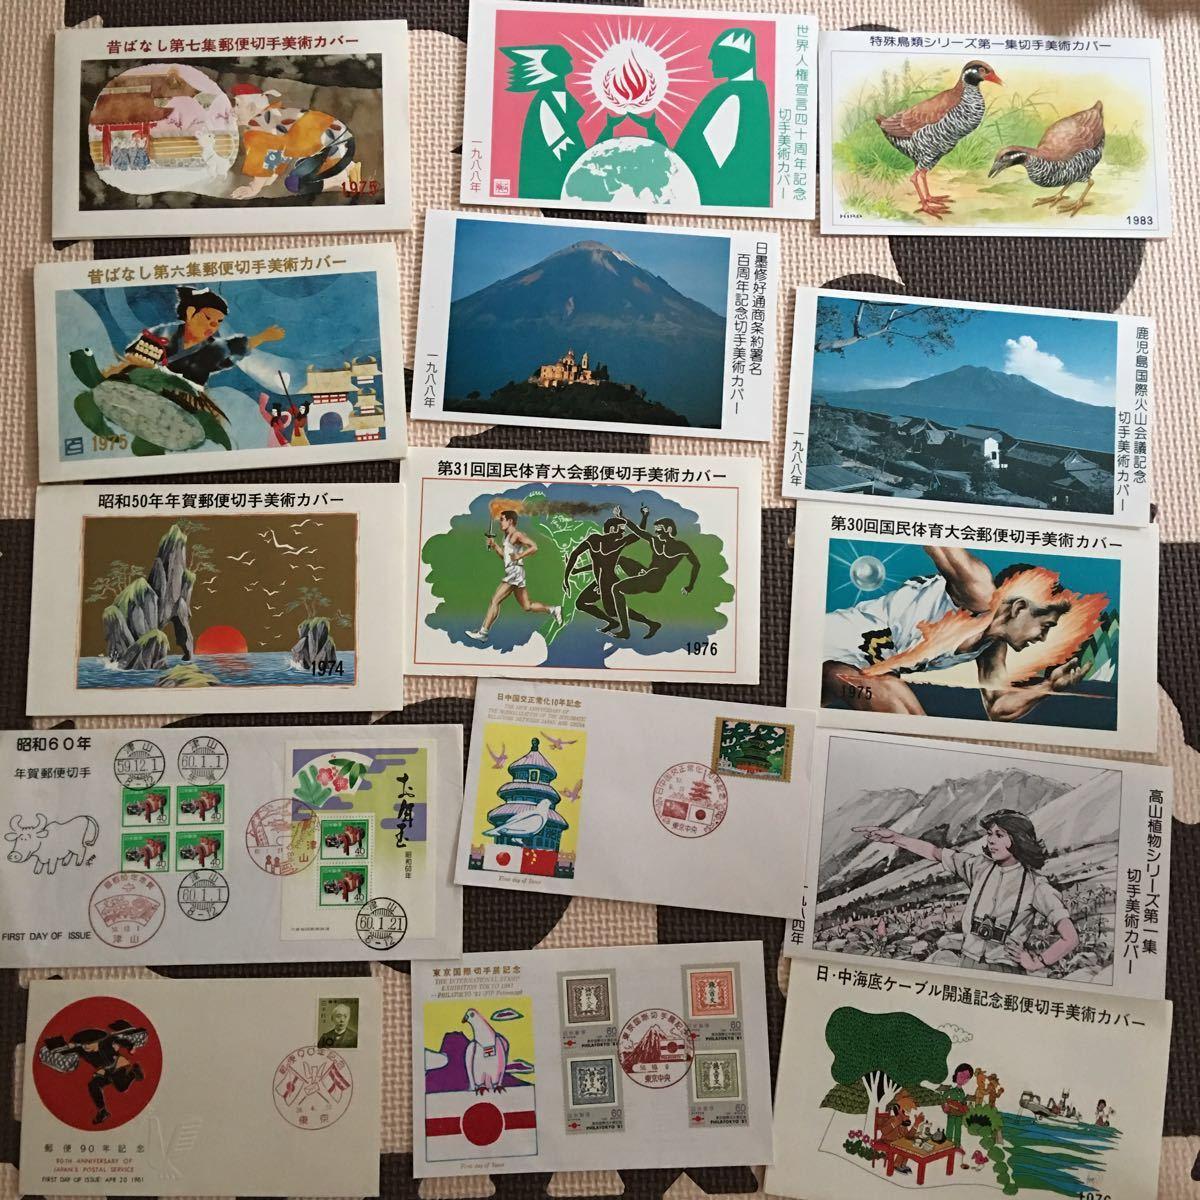 ◆大量◆◆→→→日本切手・FDC ・初日カバー・切手趣味週間・年賀・ふるさと・記念シリーズ・他・アルバム4冊約300枚まとめて◆◆_画像7